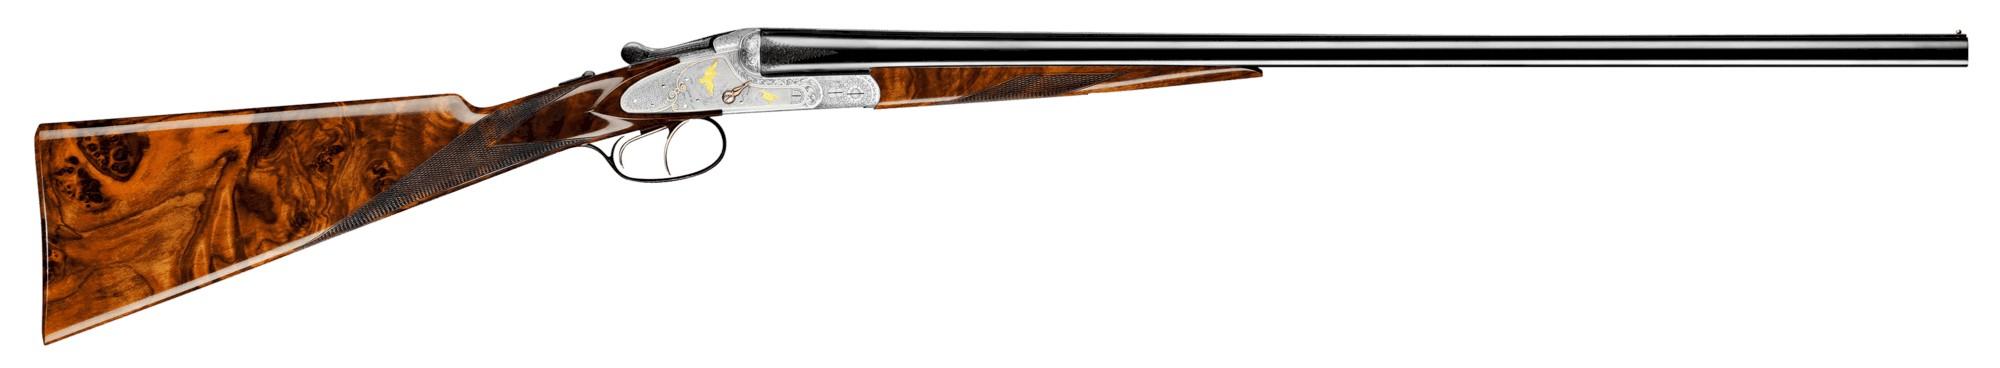 Sauer & Sohn Meisterwerk Shotgun